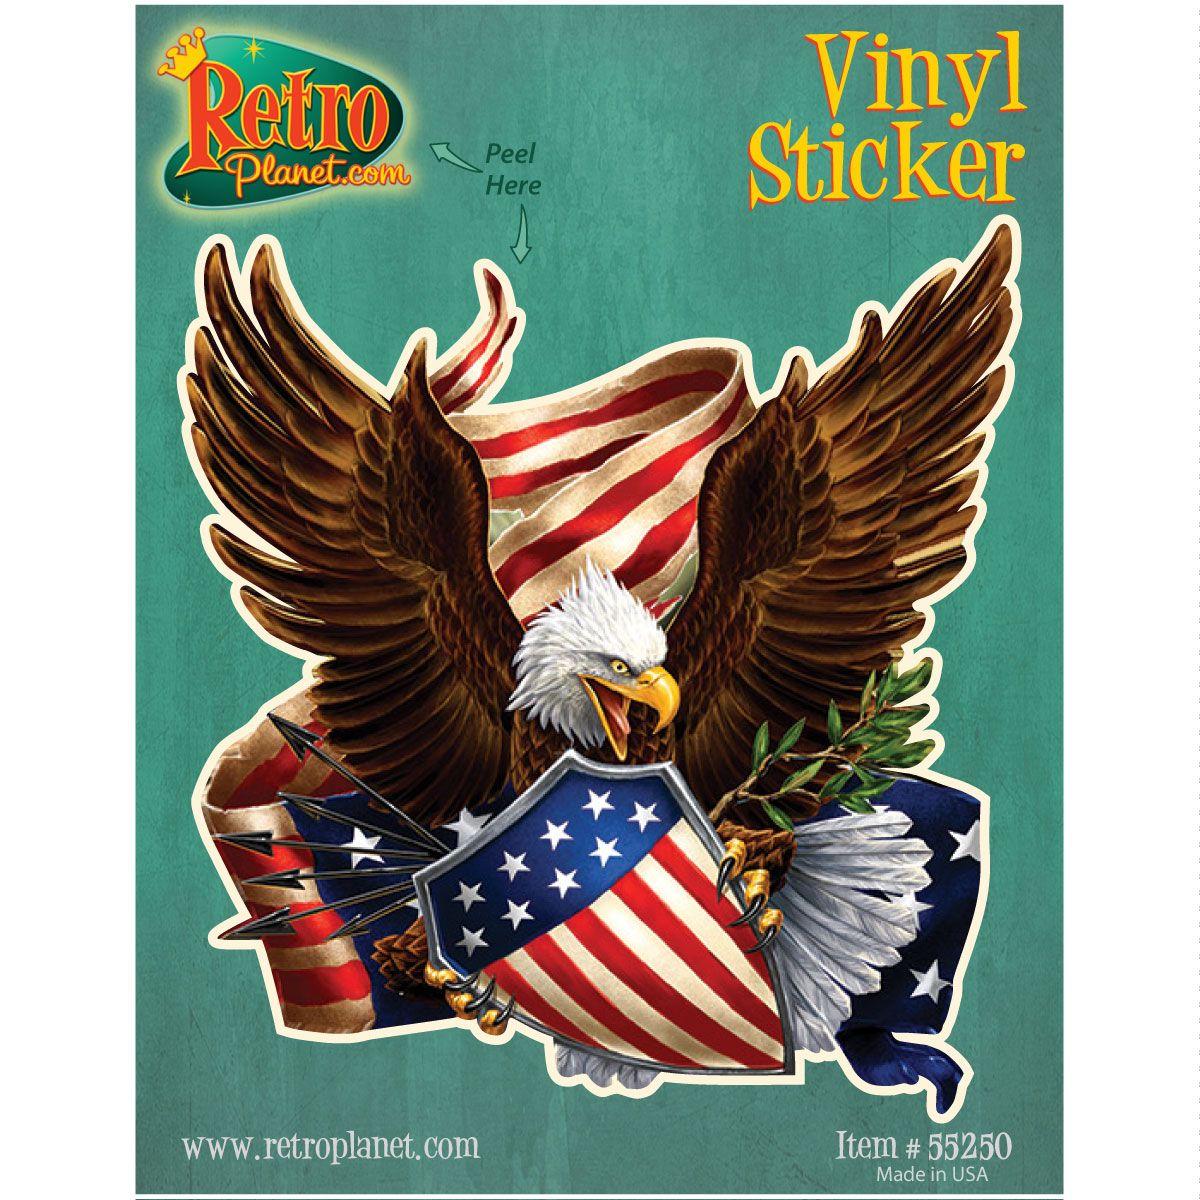 Patriotic American Eagle Cutout Vinyl Sticker Vinyl Stickers Laptop Vinyl Sticker Artwork [ 1200 x 1200 Pixel ]